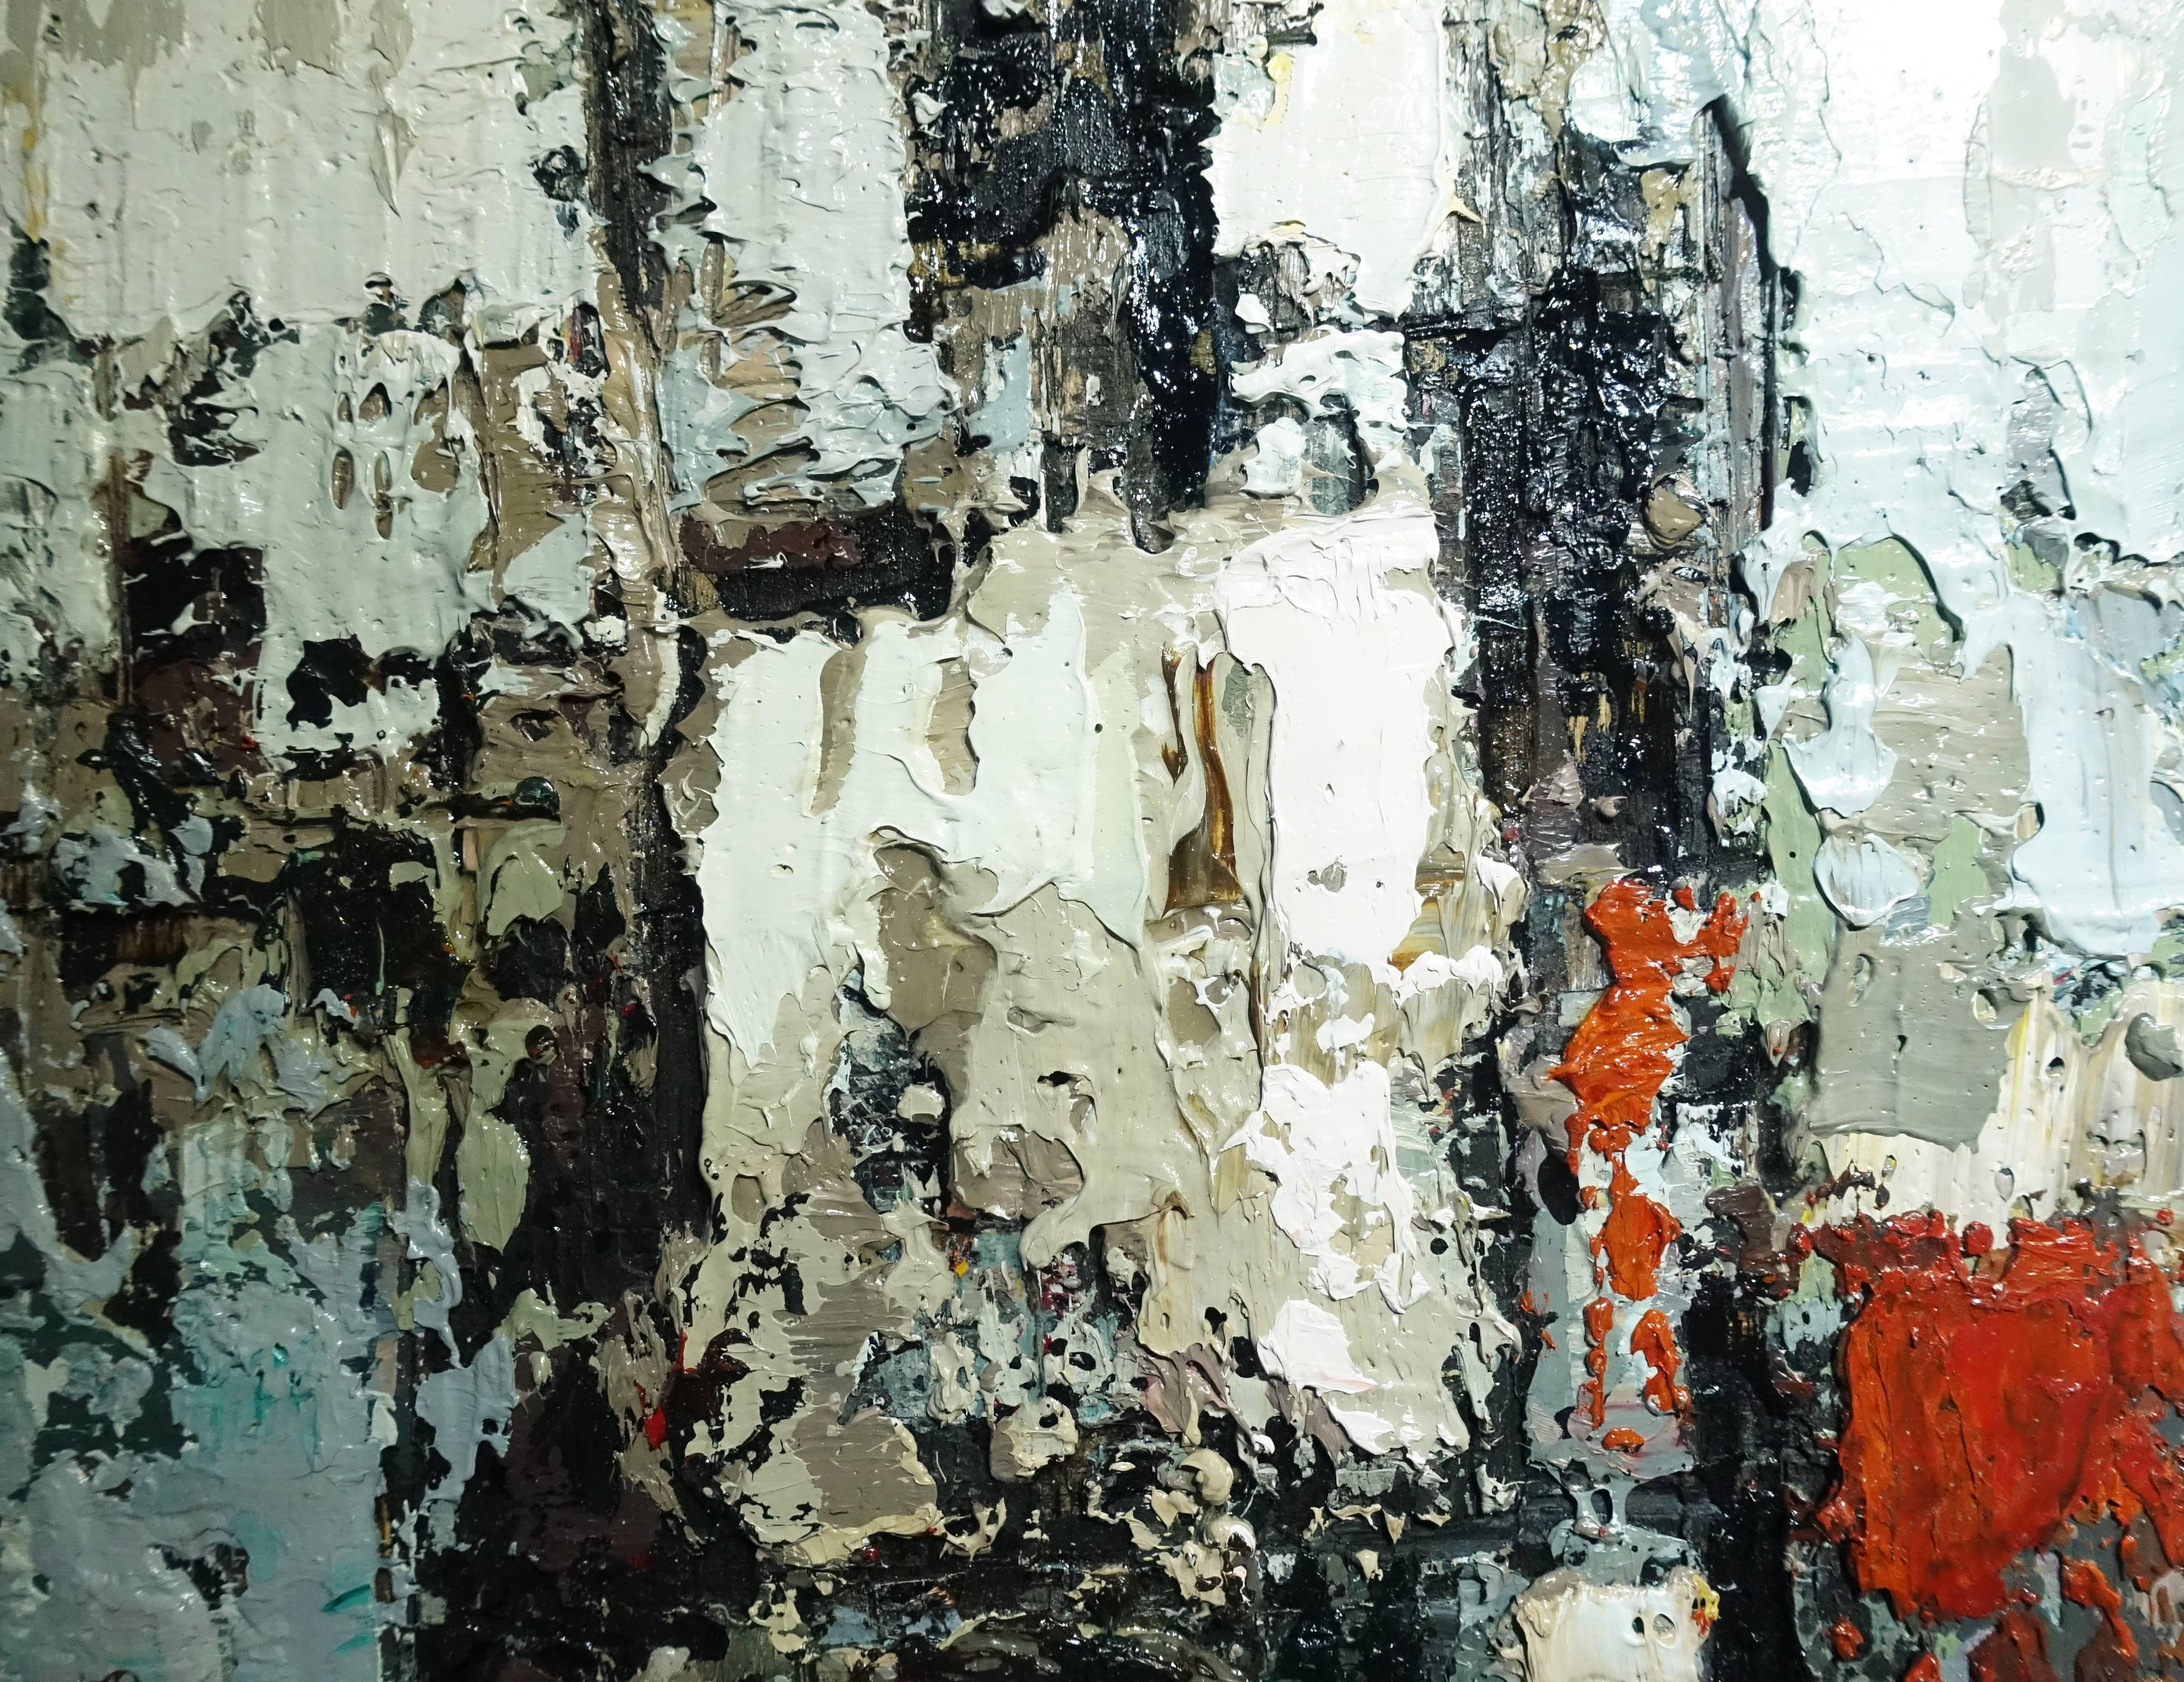 徐明豐,《城市即景之三》細節,35 x 24 cm,複合媒材木板,2018。